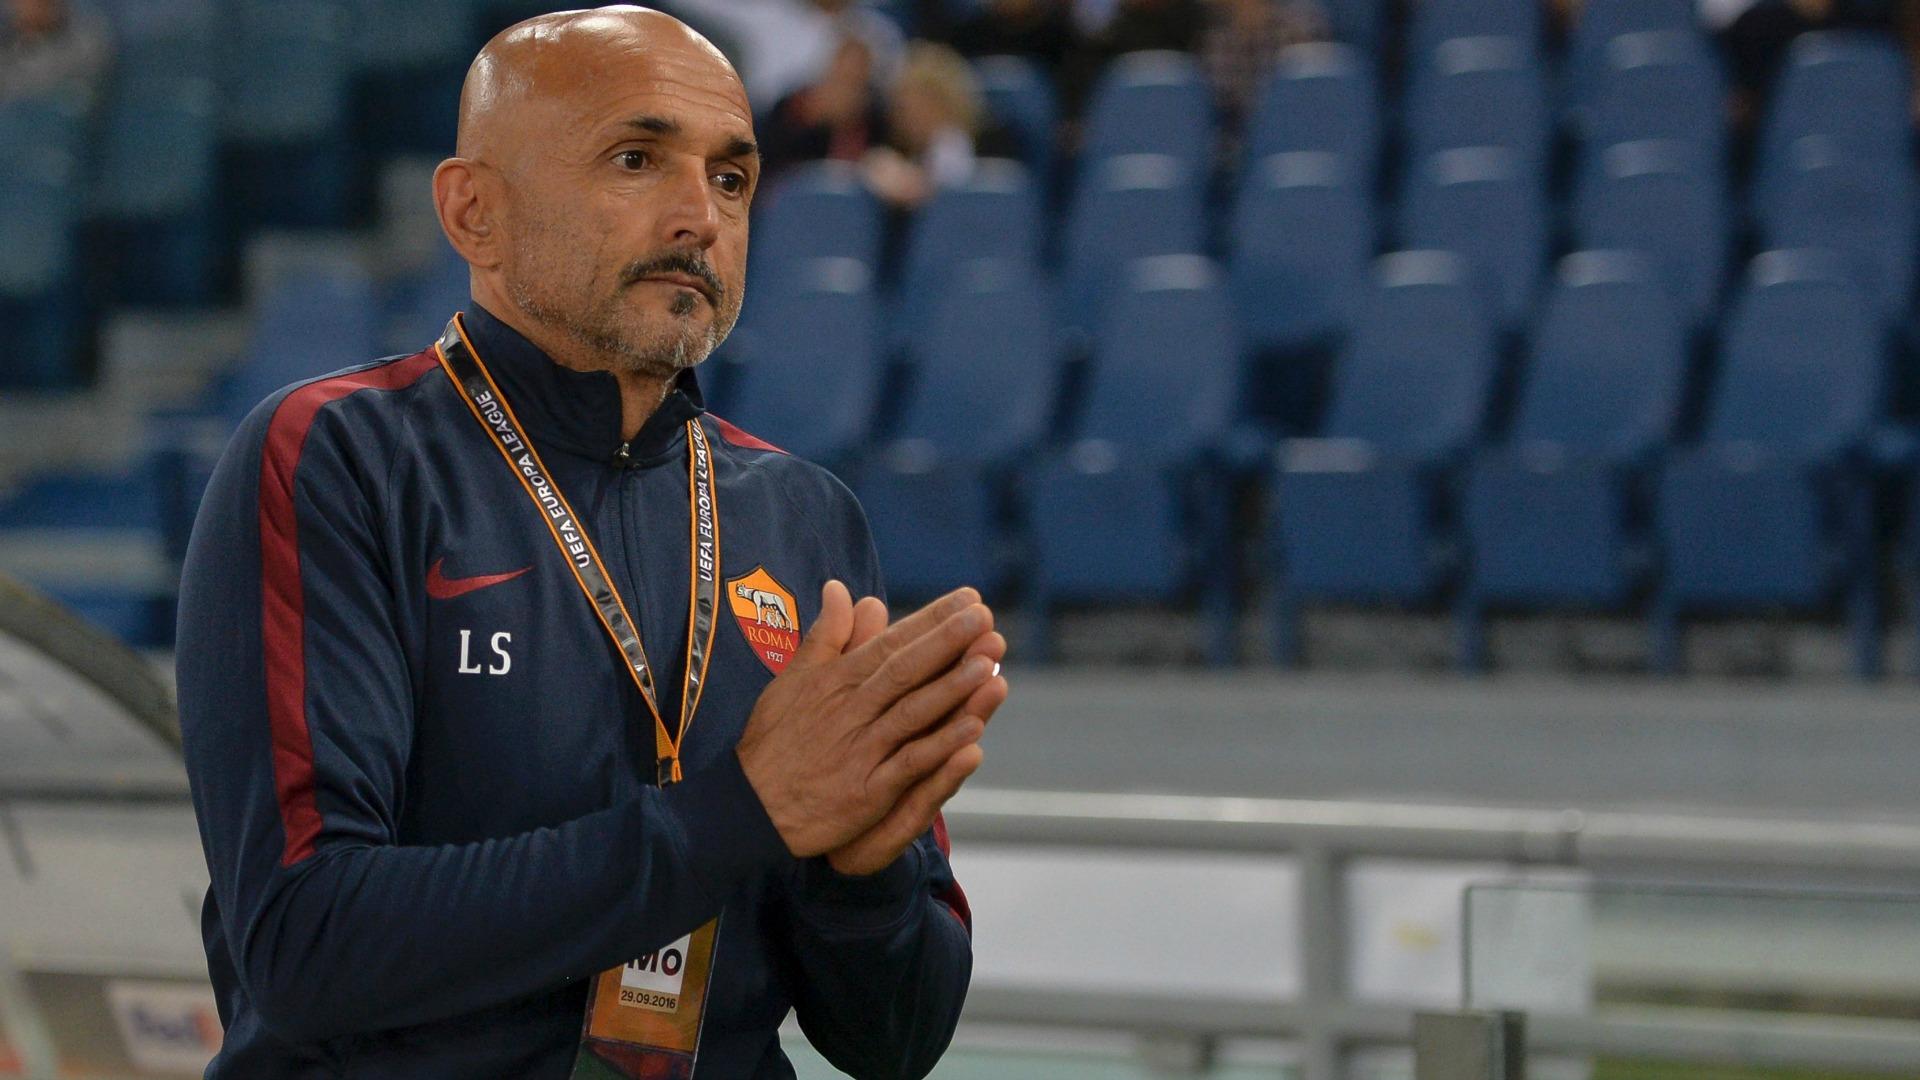 Serie A, Roma-Inter ci siamo: diretta tv e probabili formazioni